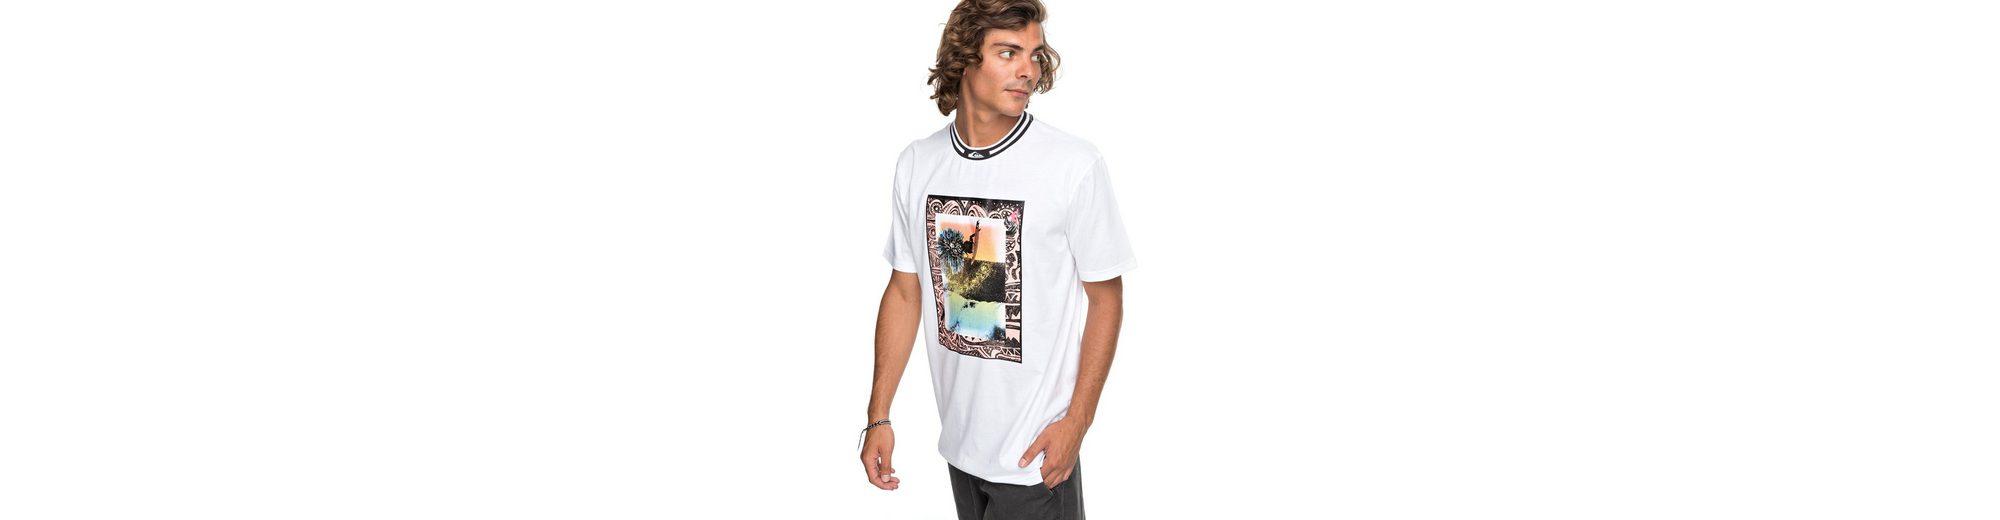 Quiksilver T-Shirt Barrel Day Gefälschte Online-Verkauf Billig Ausverkauf GhogaEKga